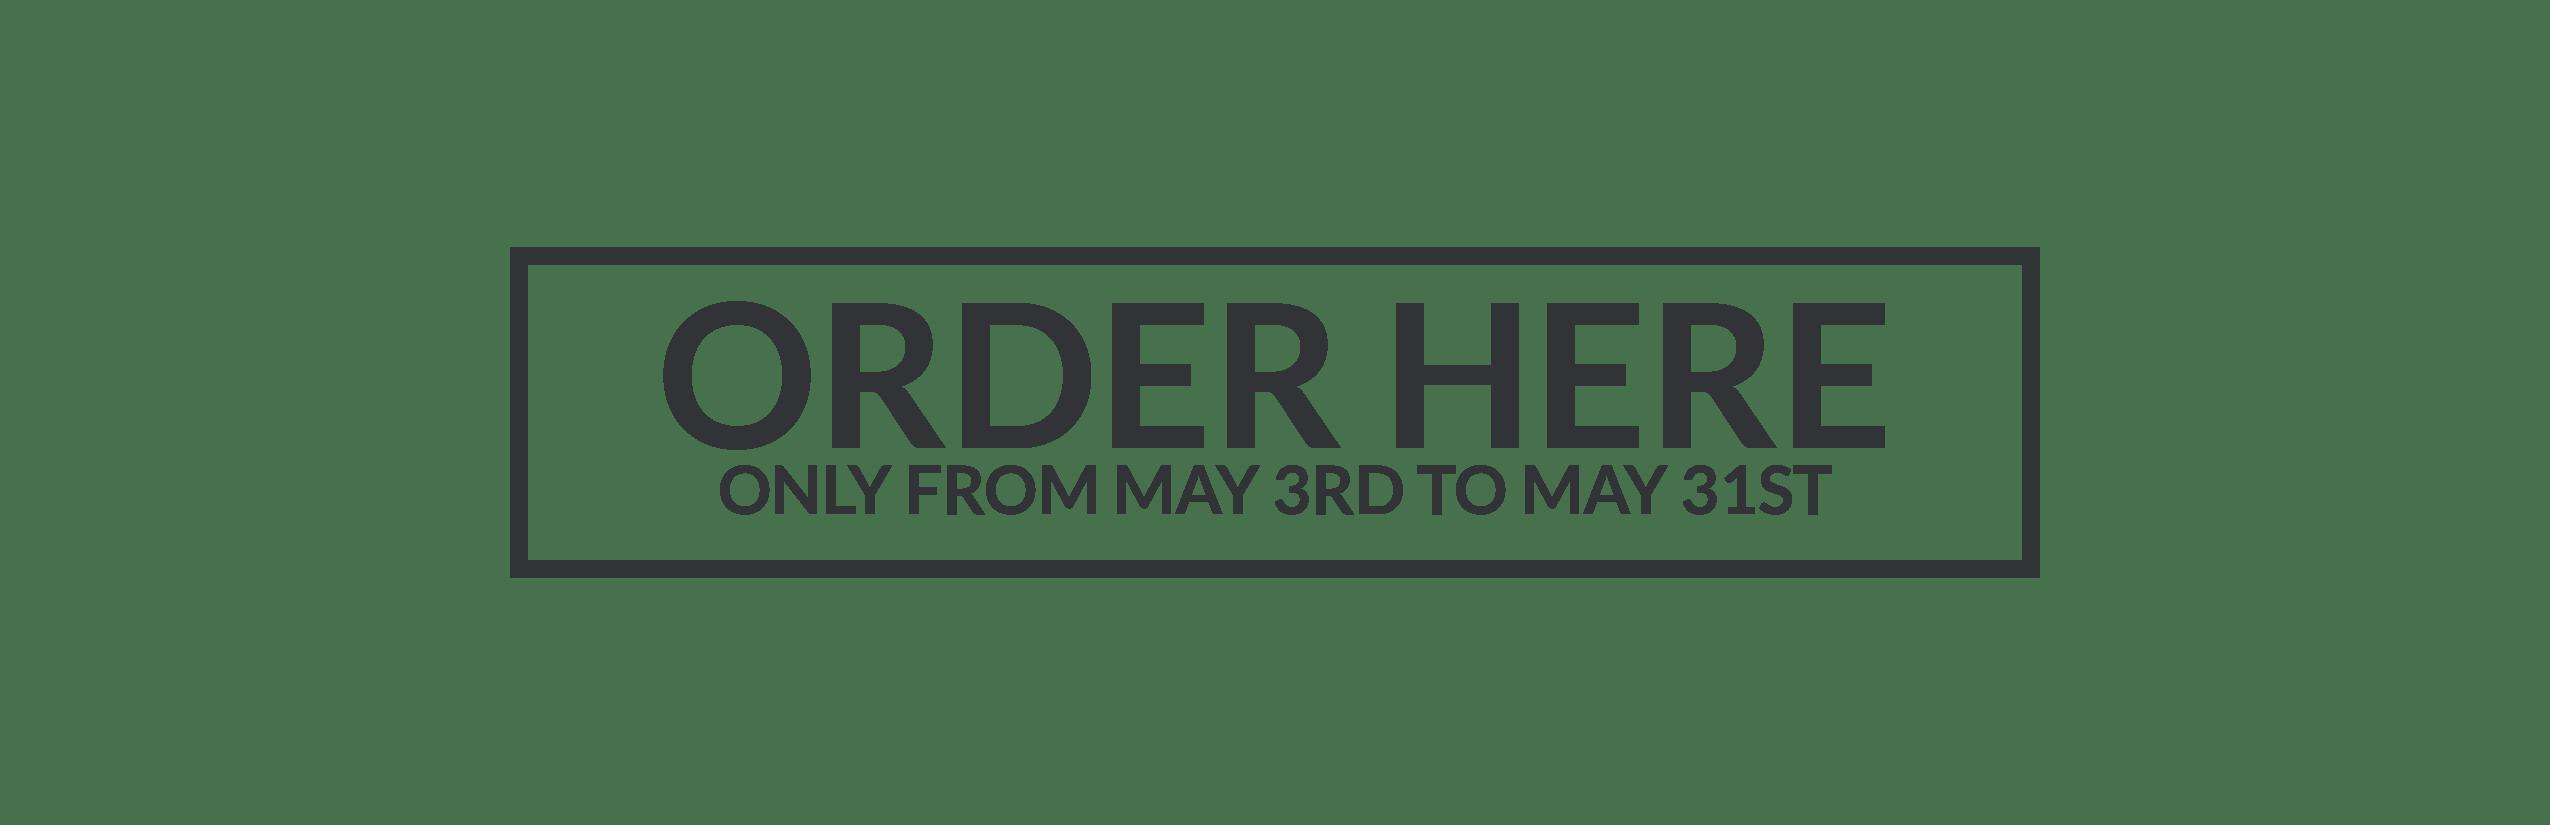 orderhere